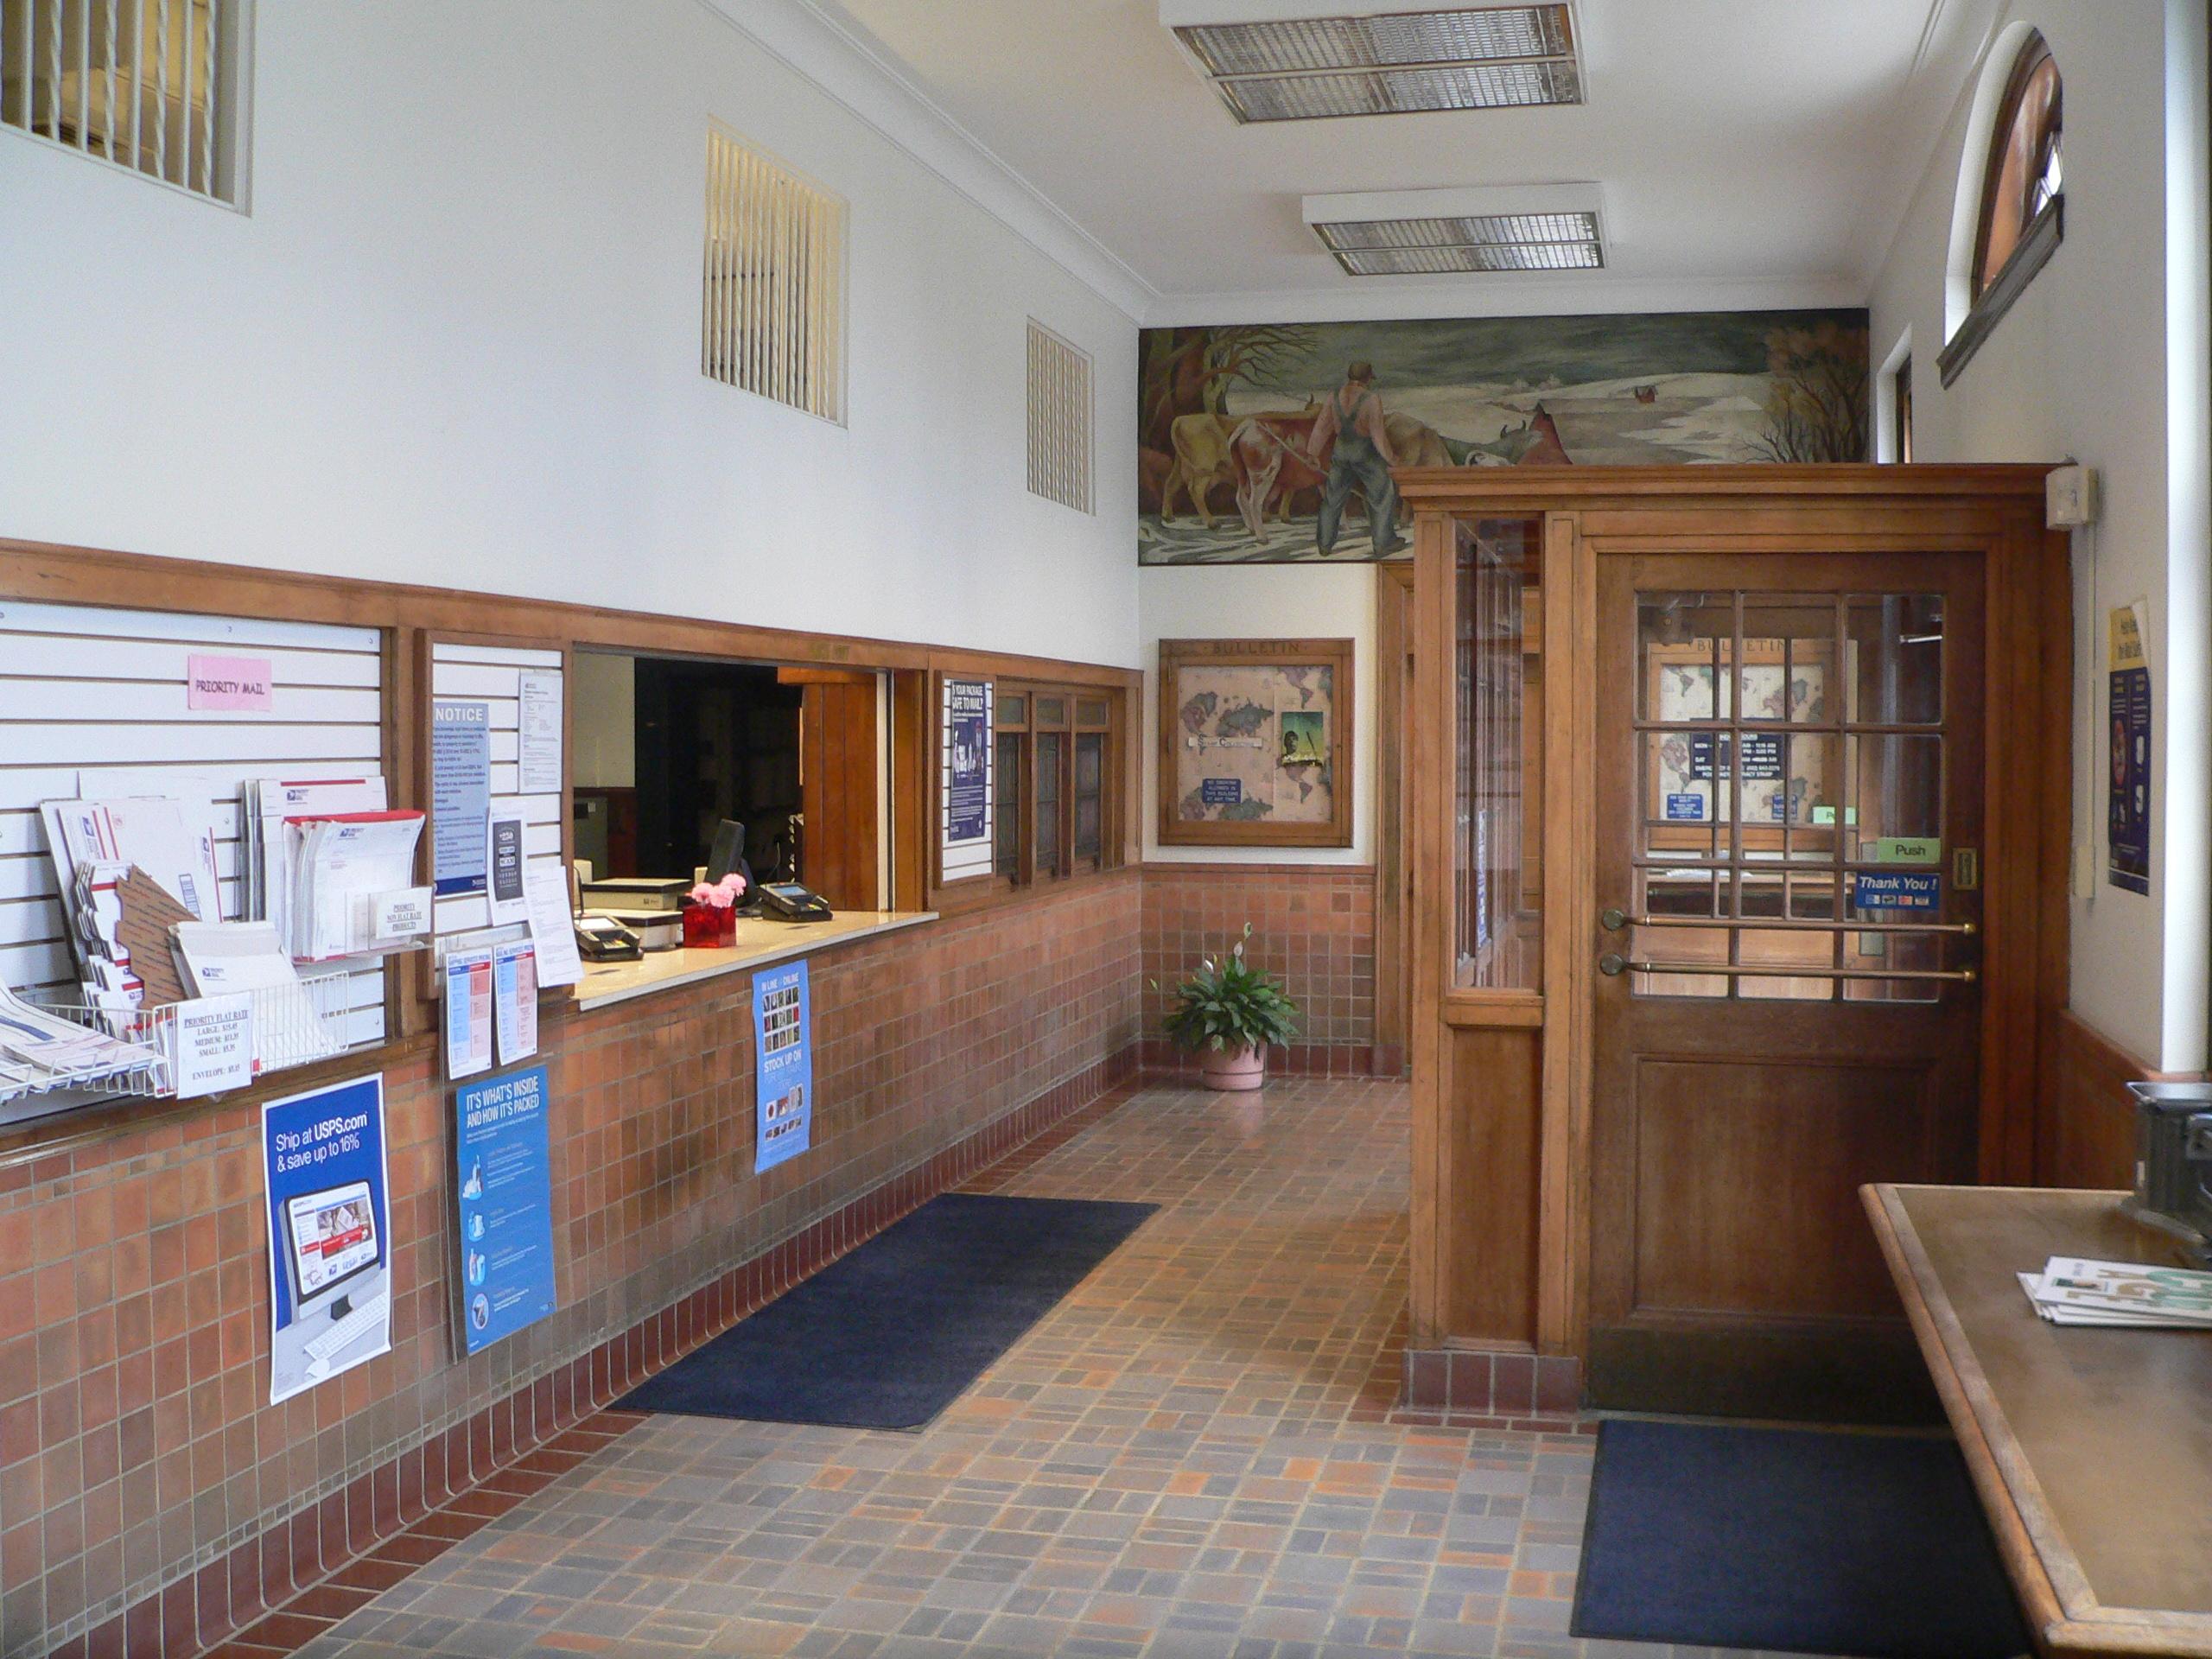 Description albion nebraska post office interior 2 jpg